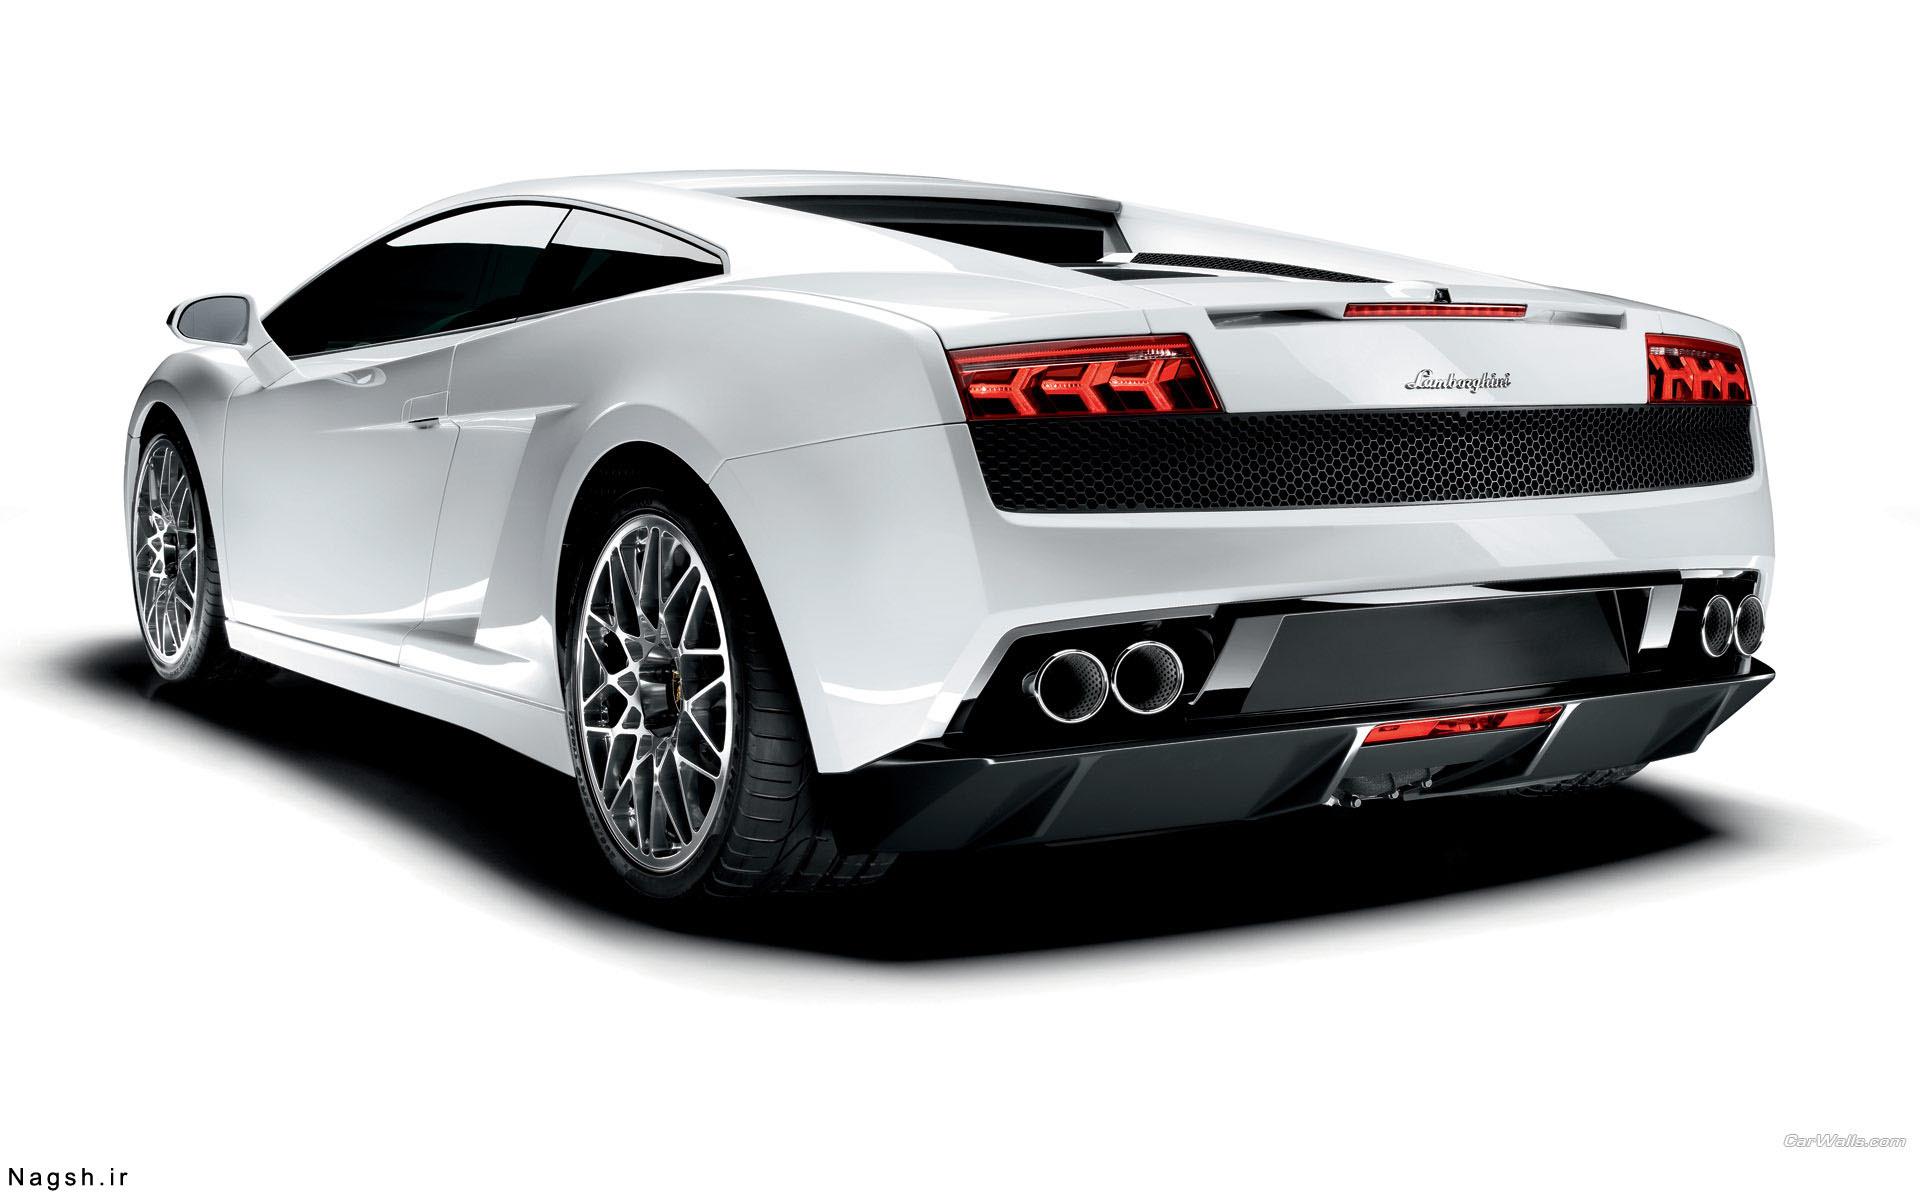 تصویر بک گراند سفید ماشین لامبورگینی